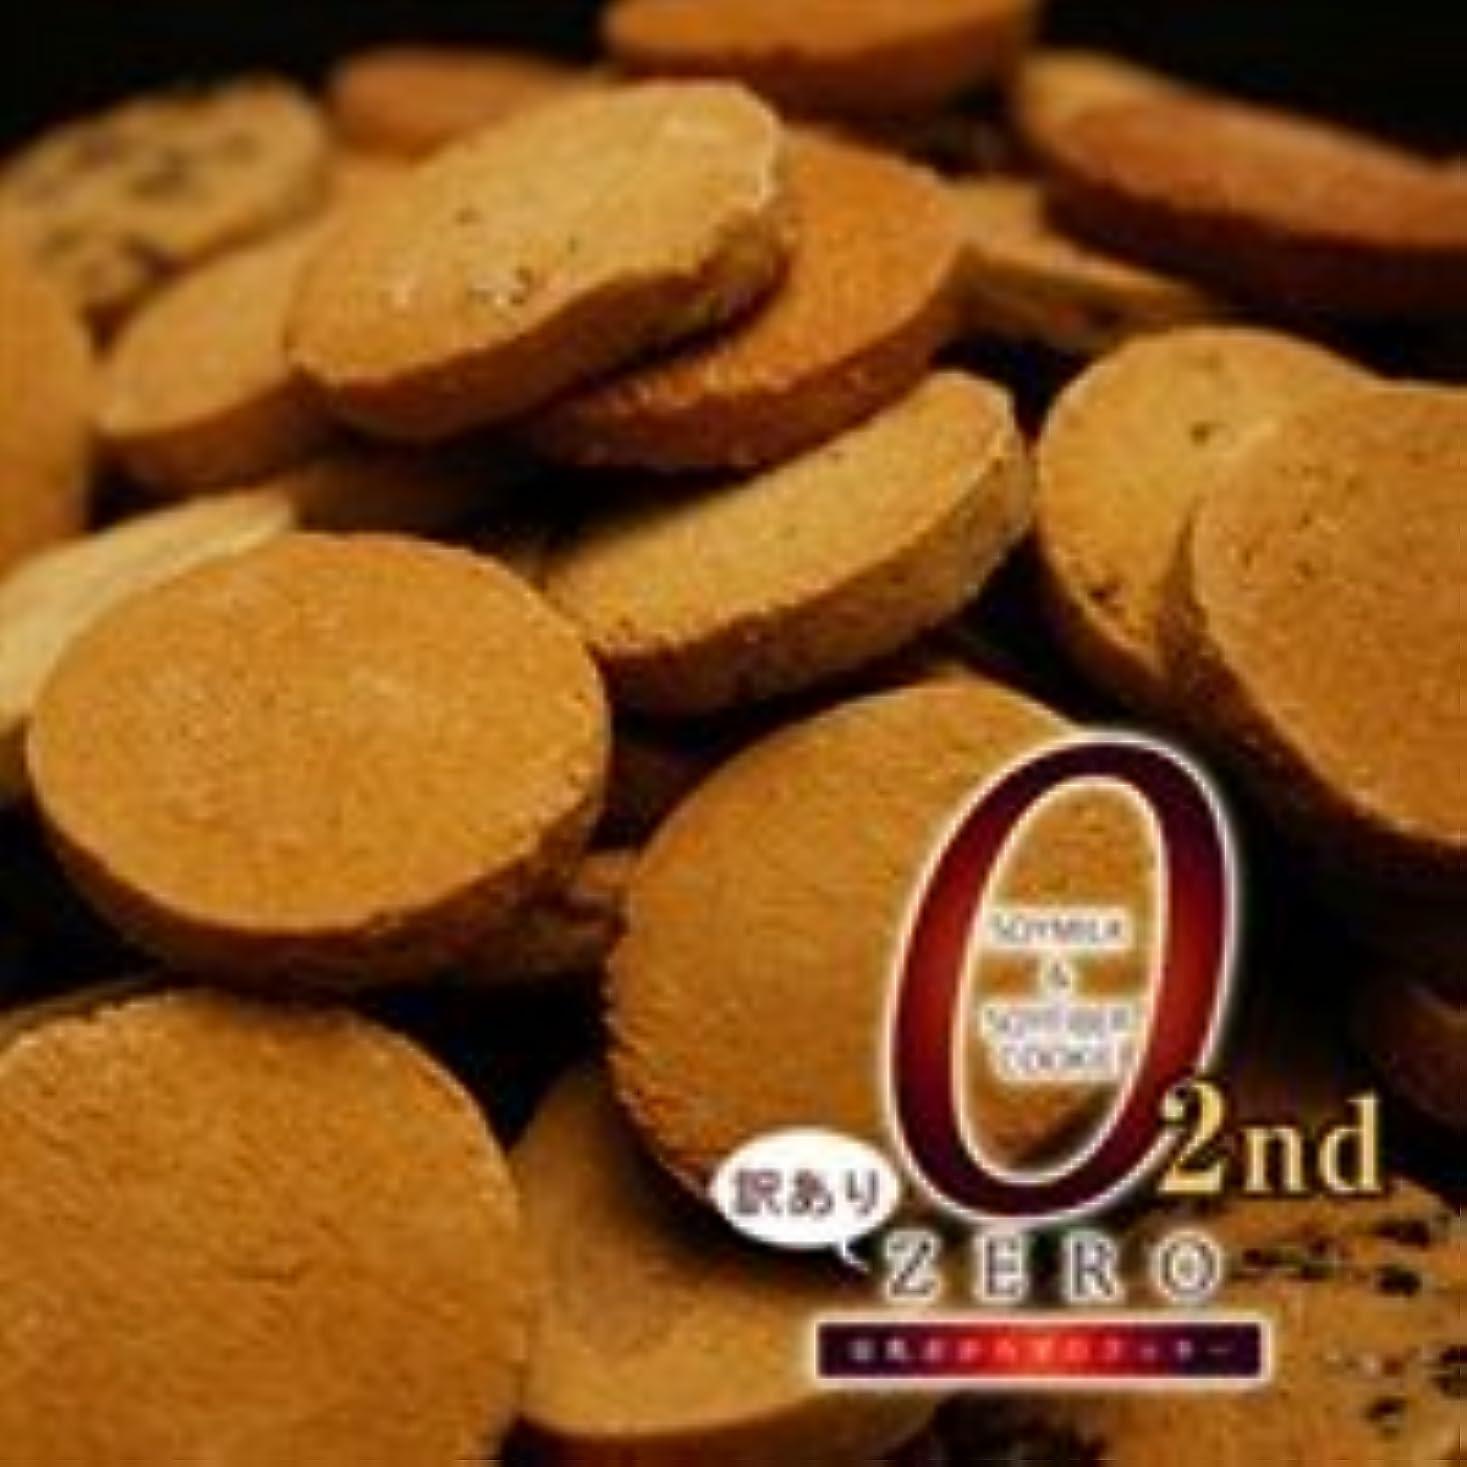 大人民族主義何よりも蒲屋忠兵衛商店 訳あり豆乳おからゼロクッキー 2nd 1kg(250g×4袋)